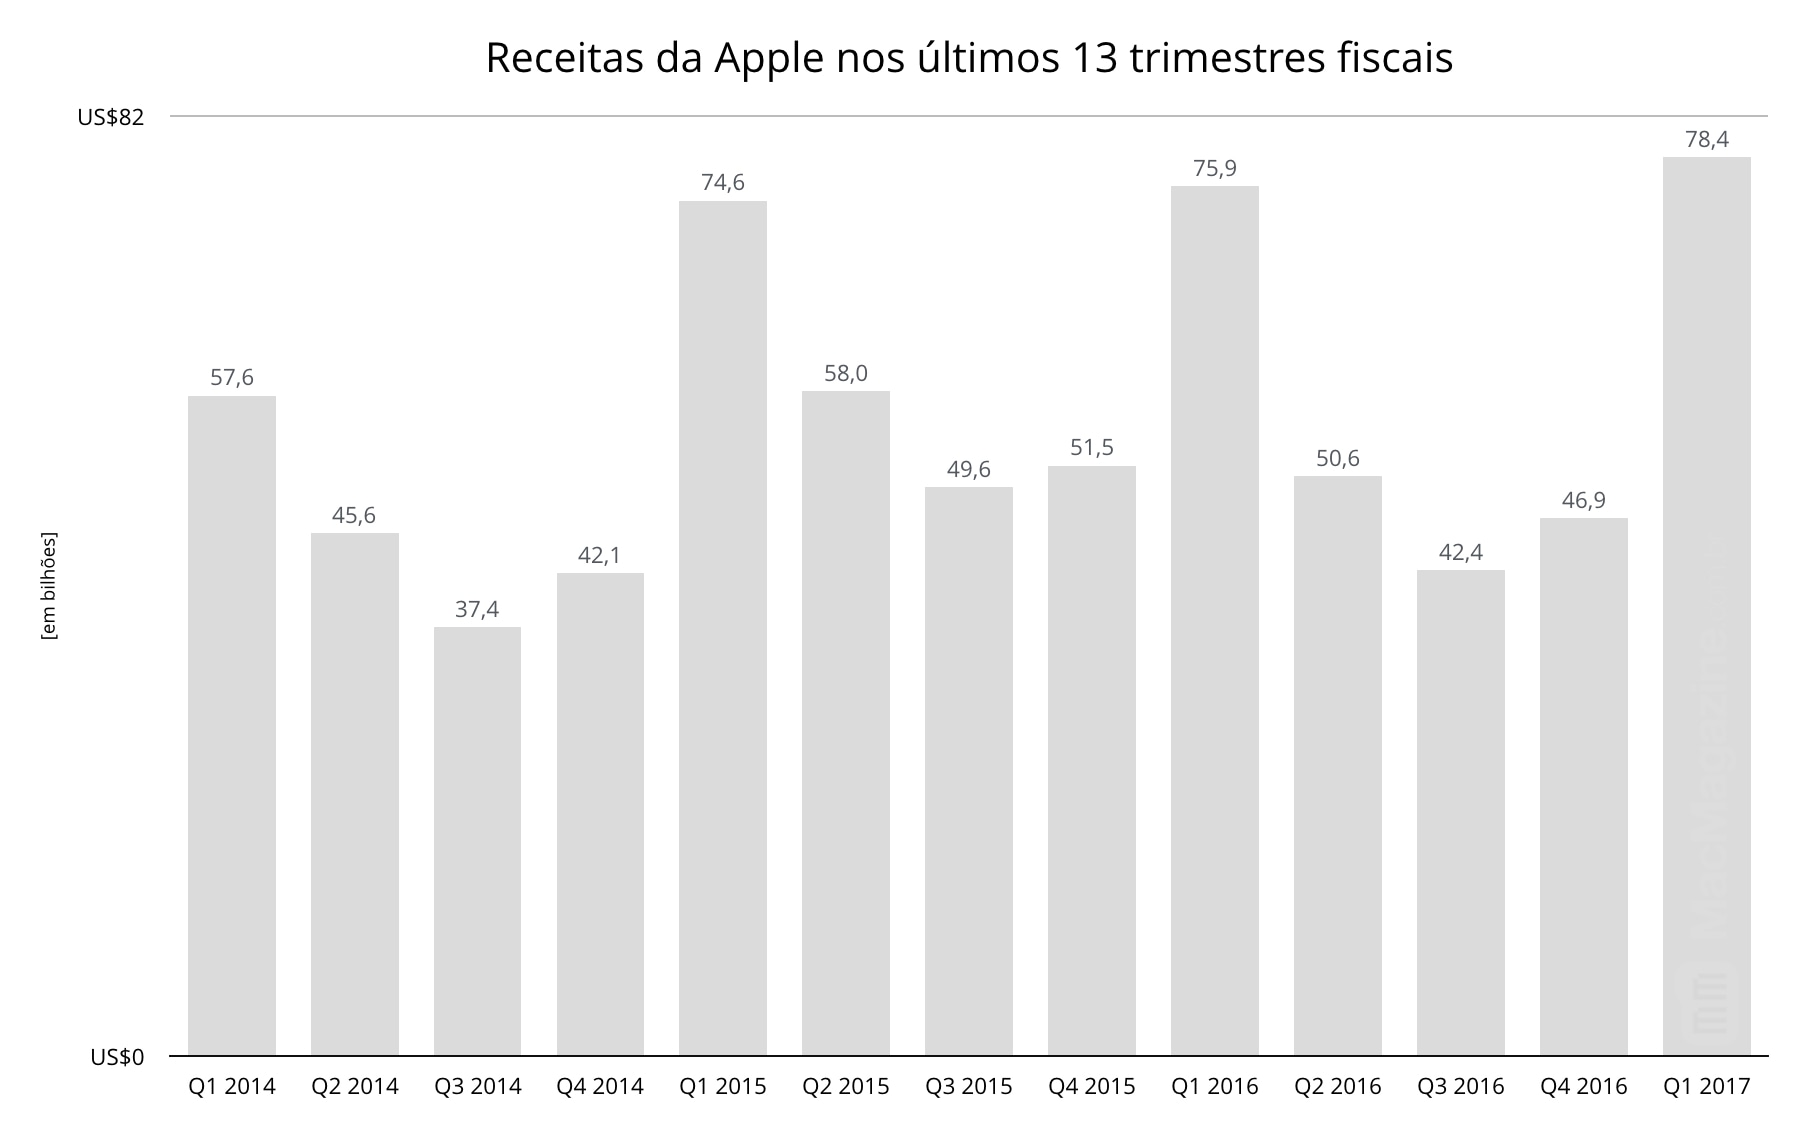 Gráficos do primeiro trimestre fiscal de 2017 da Apple